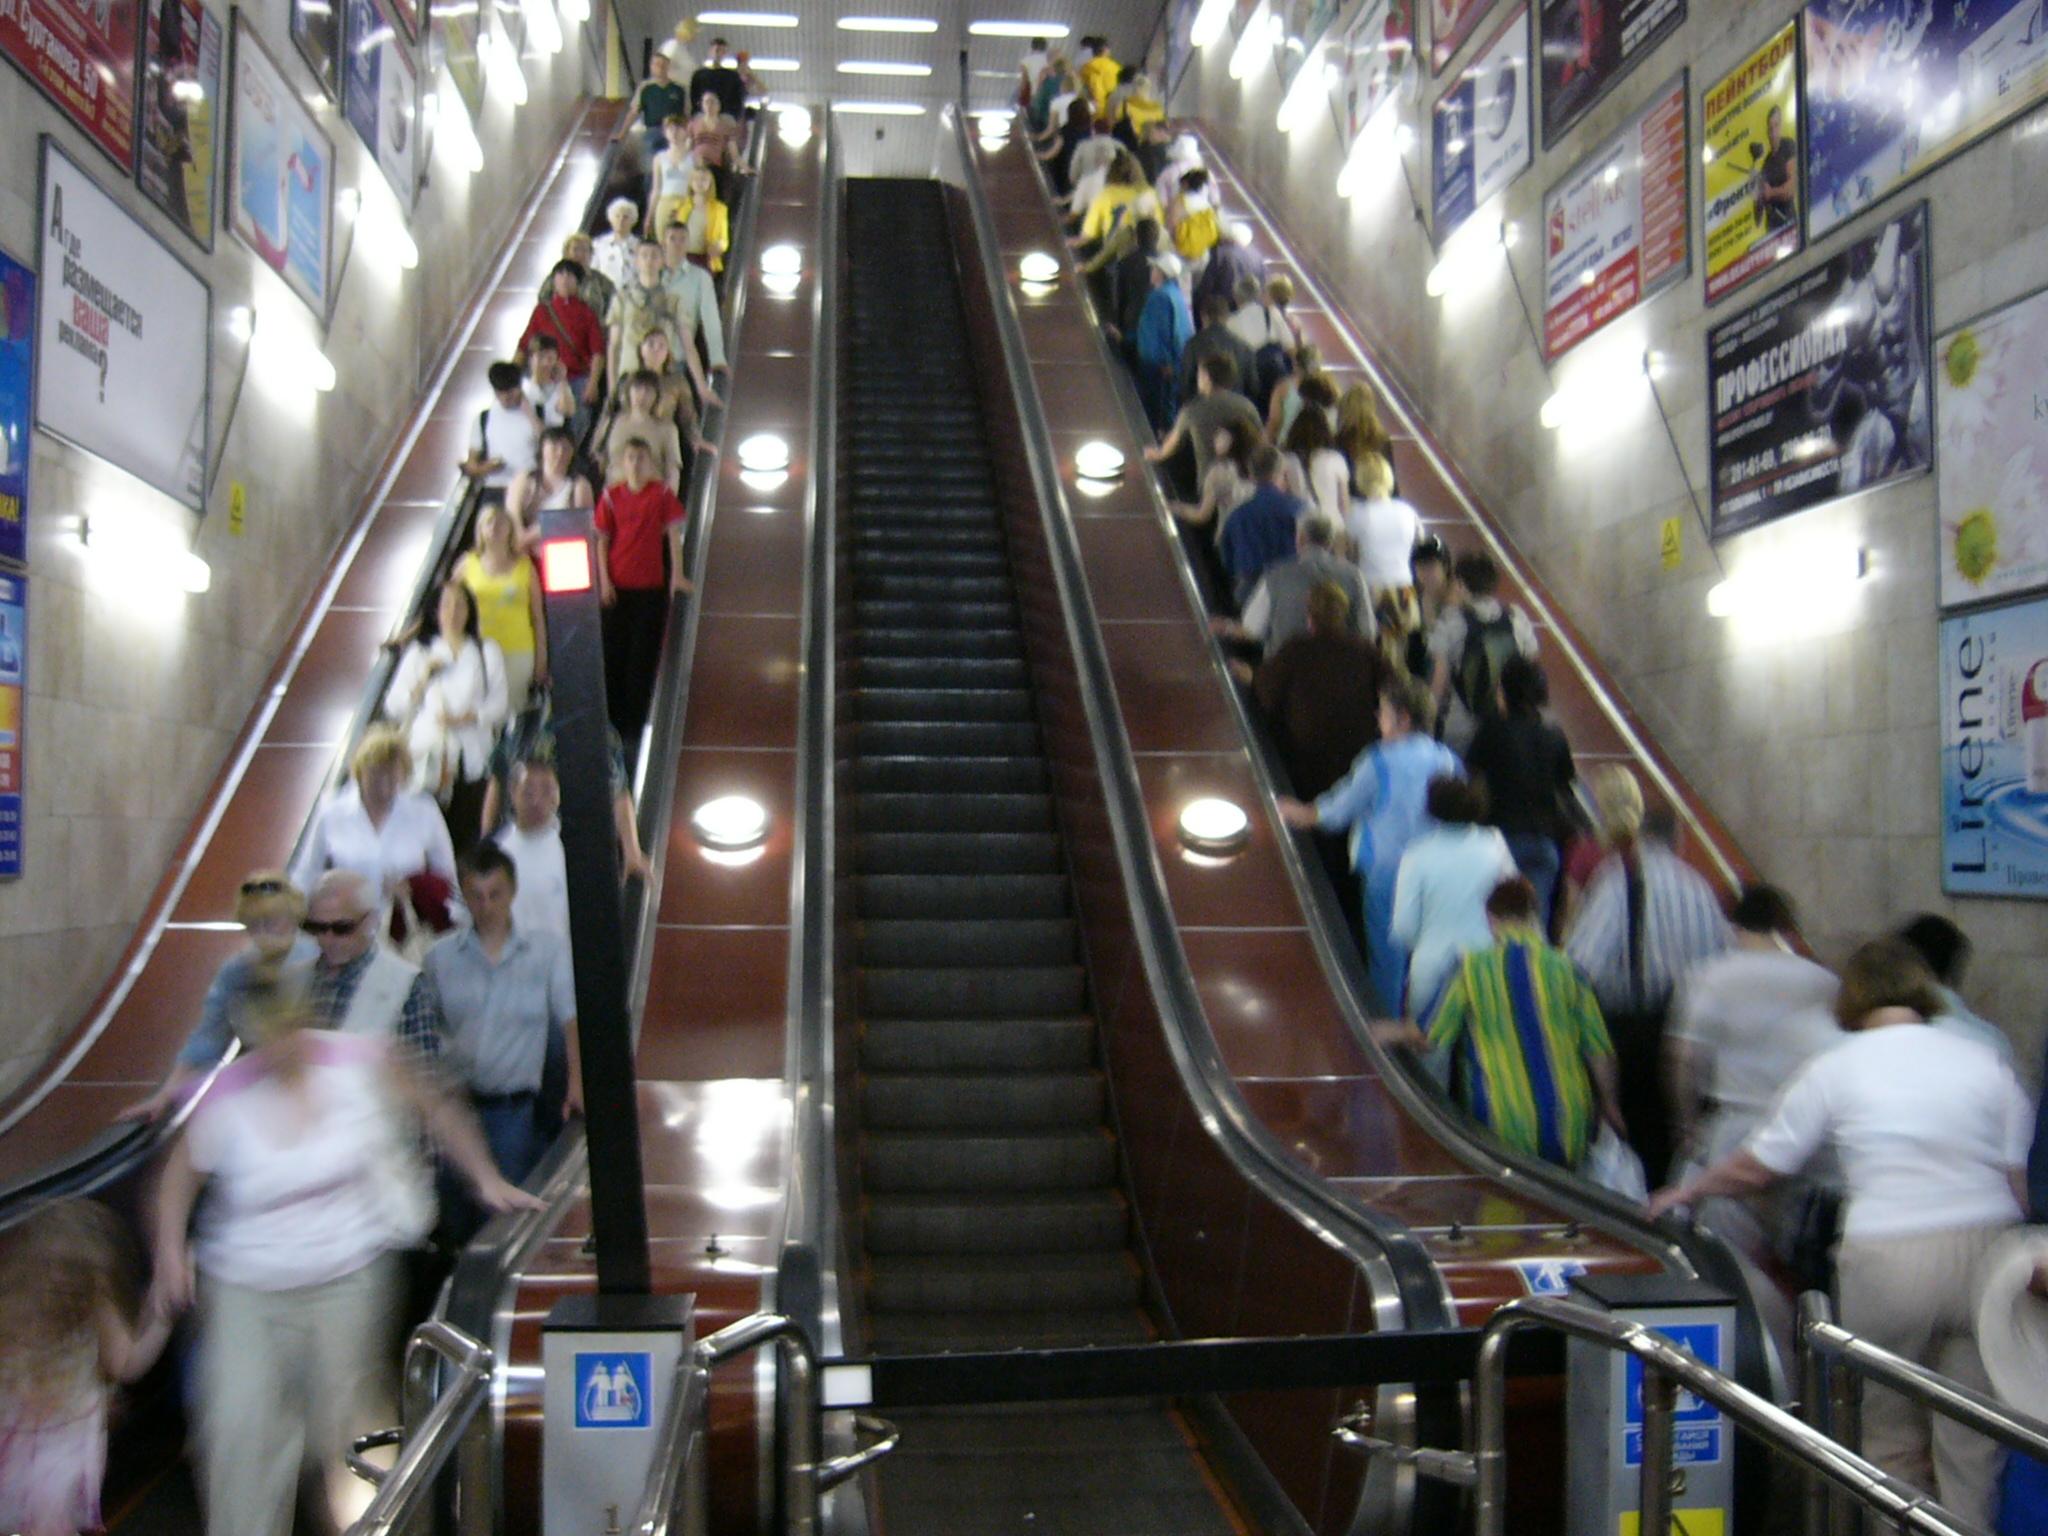 """На станции """"Вокзальная"""" появятся узкобаллюстрадные эскалаторы"""